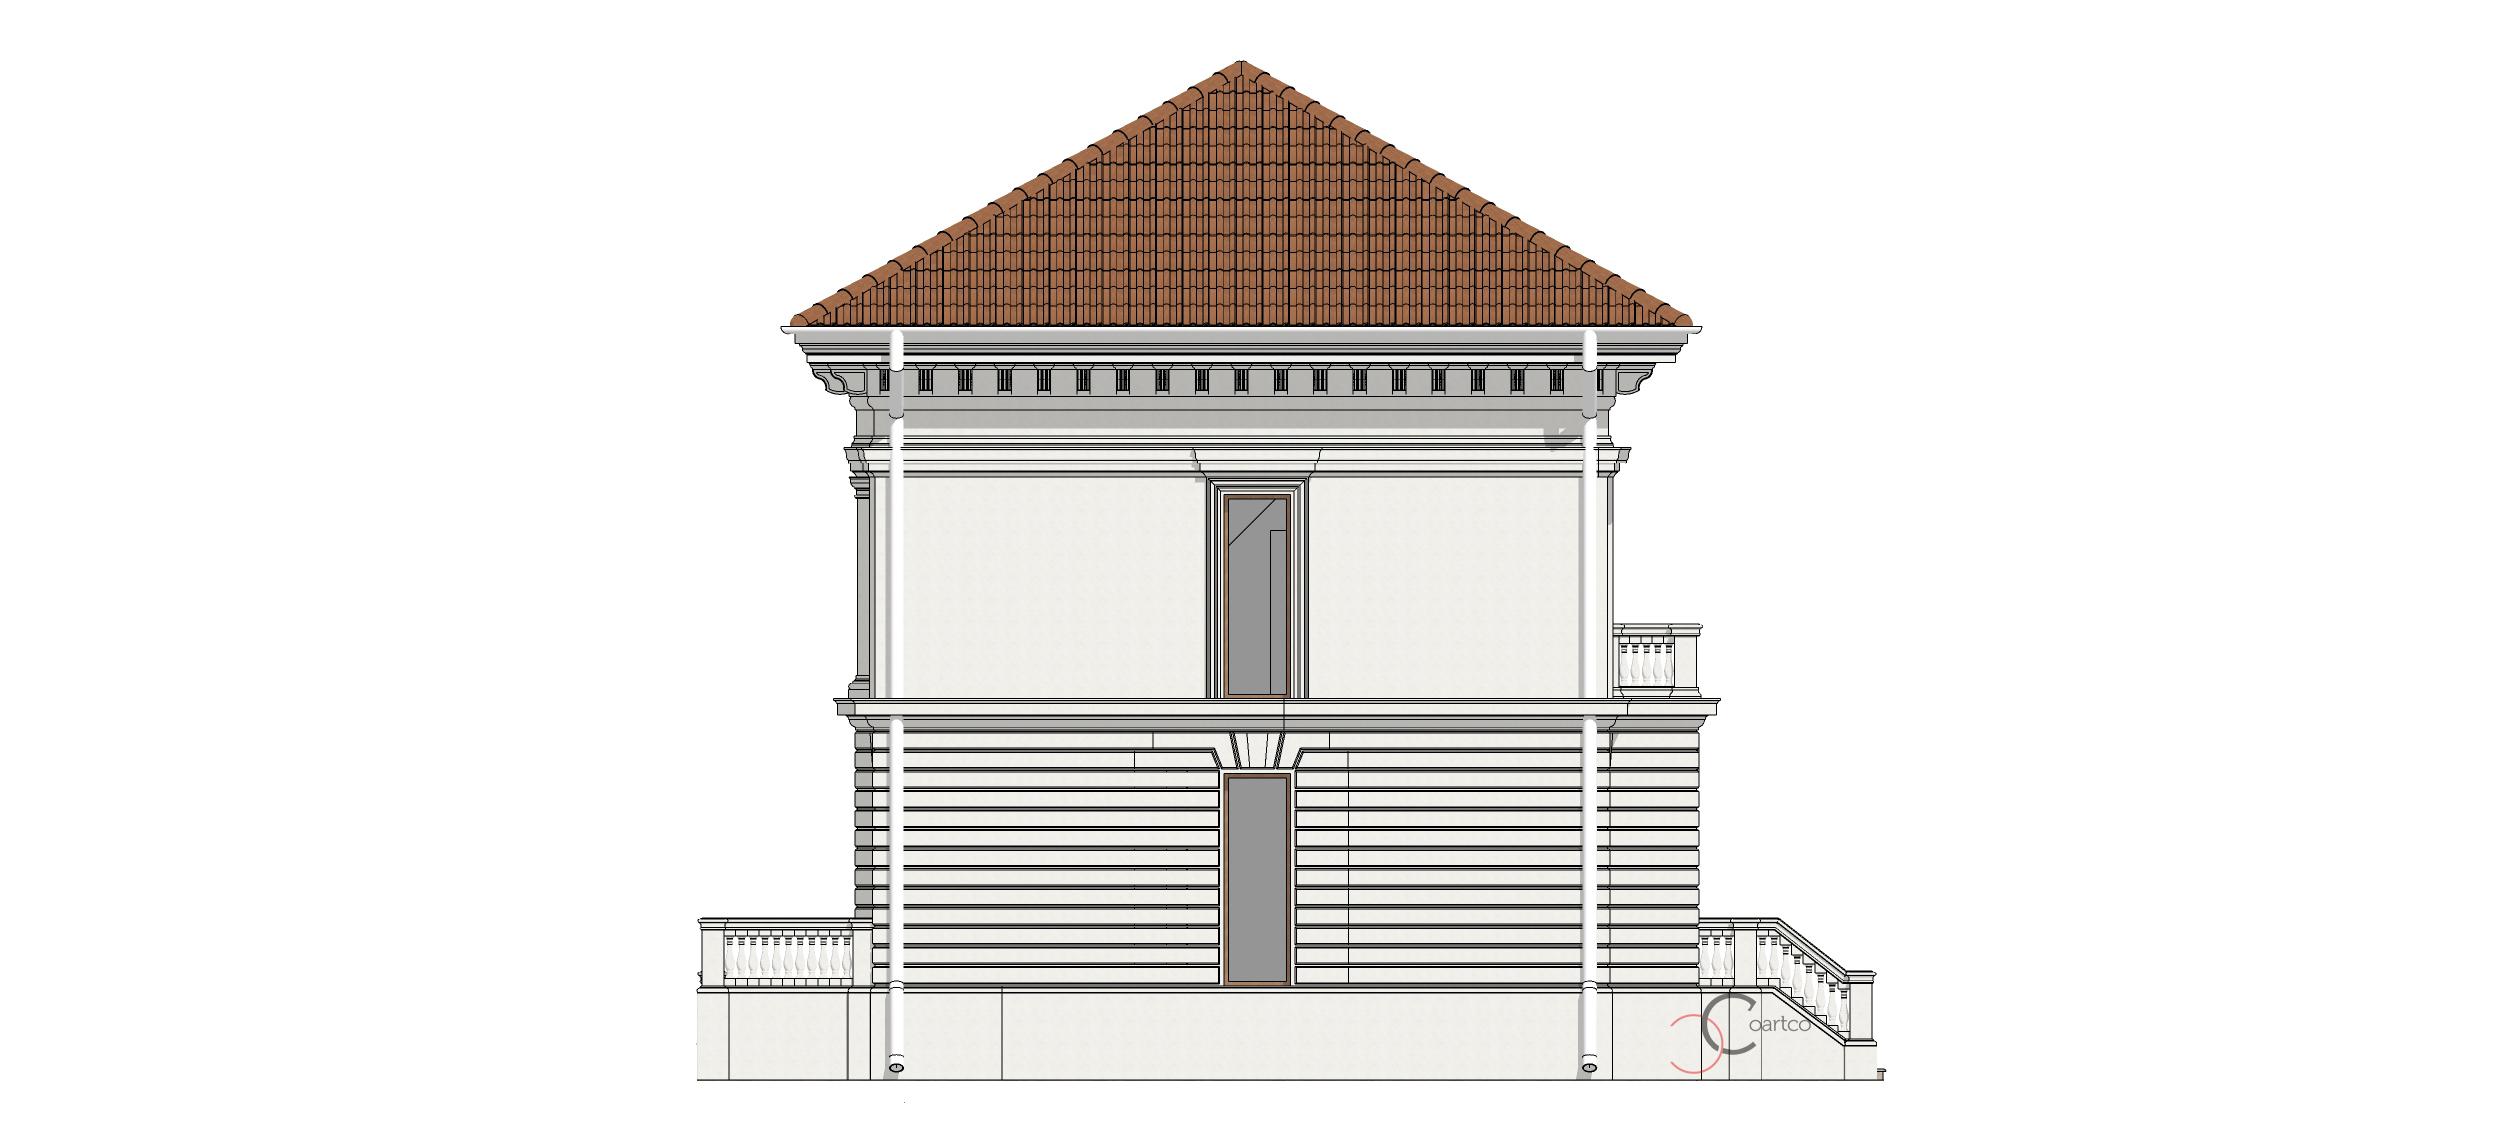 pret-proiect-arhitectura